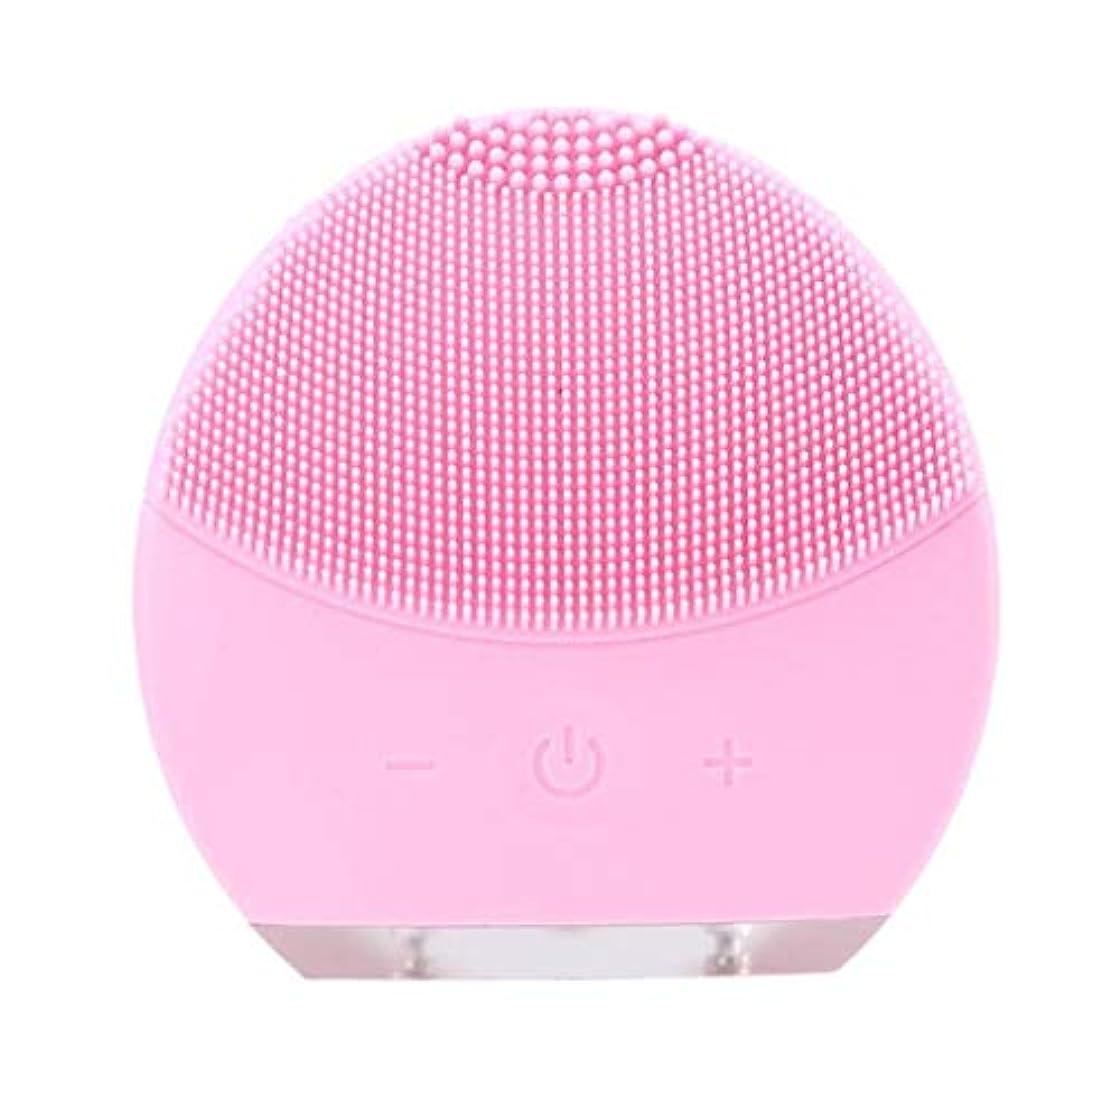 許す震える拒否超音波振動美容機器洗浄器、皮膚の毛穴を最小限に抑えるマイクロダーマブレーション毛穴、USB 充電と防水,Pink